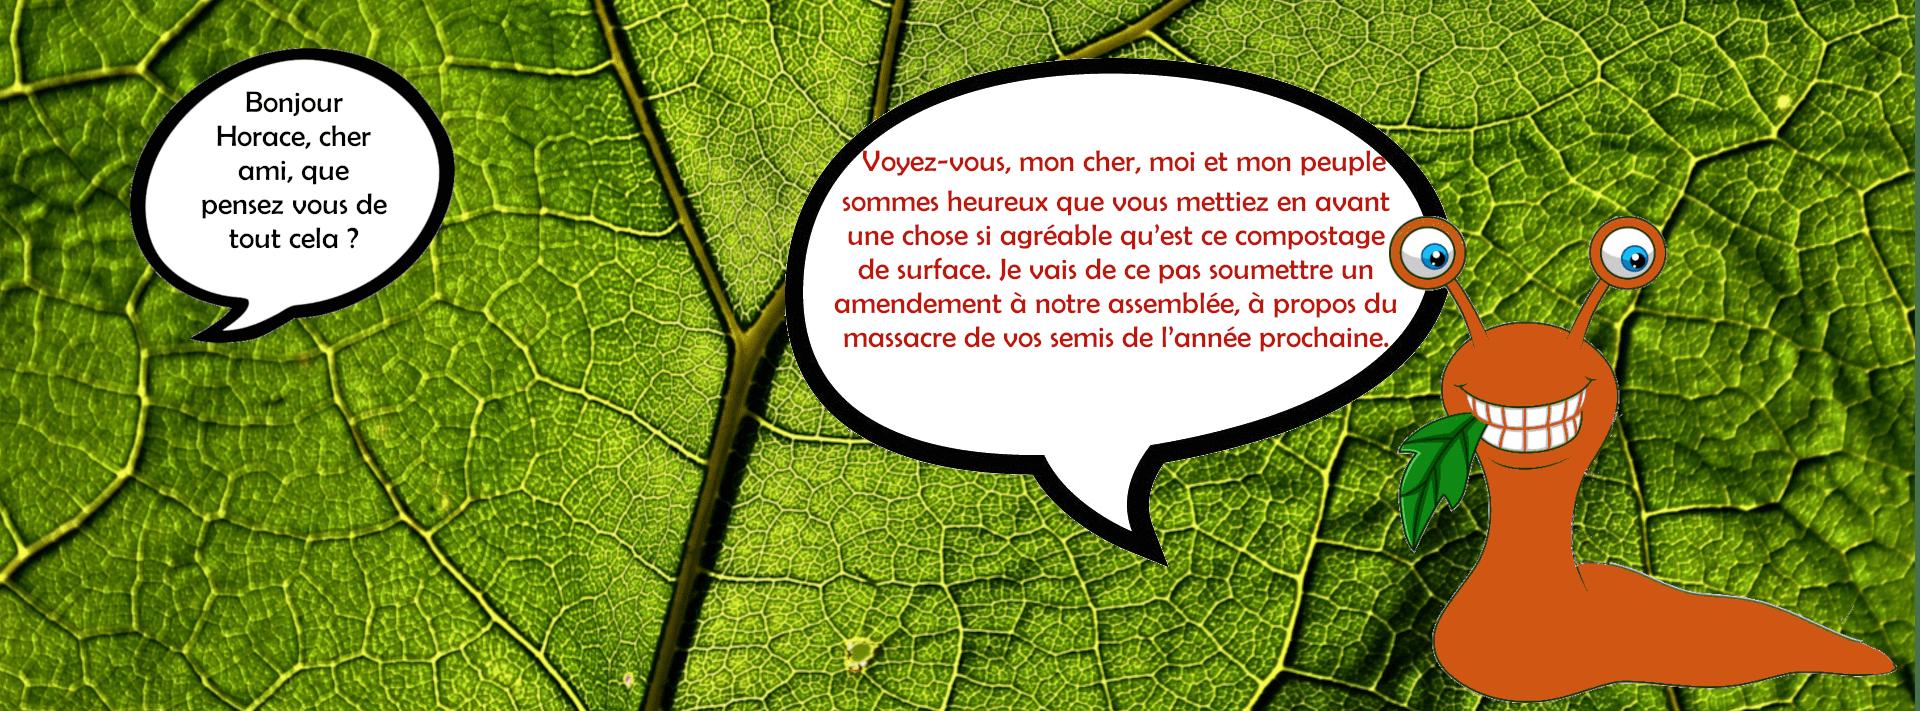 le compostage de limace et les limaces en permaculture